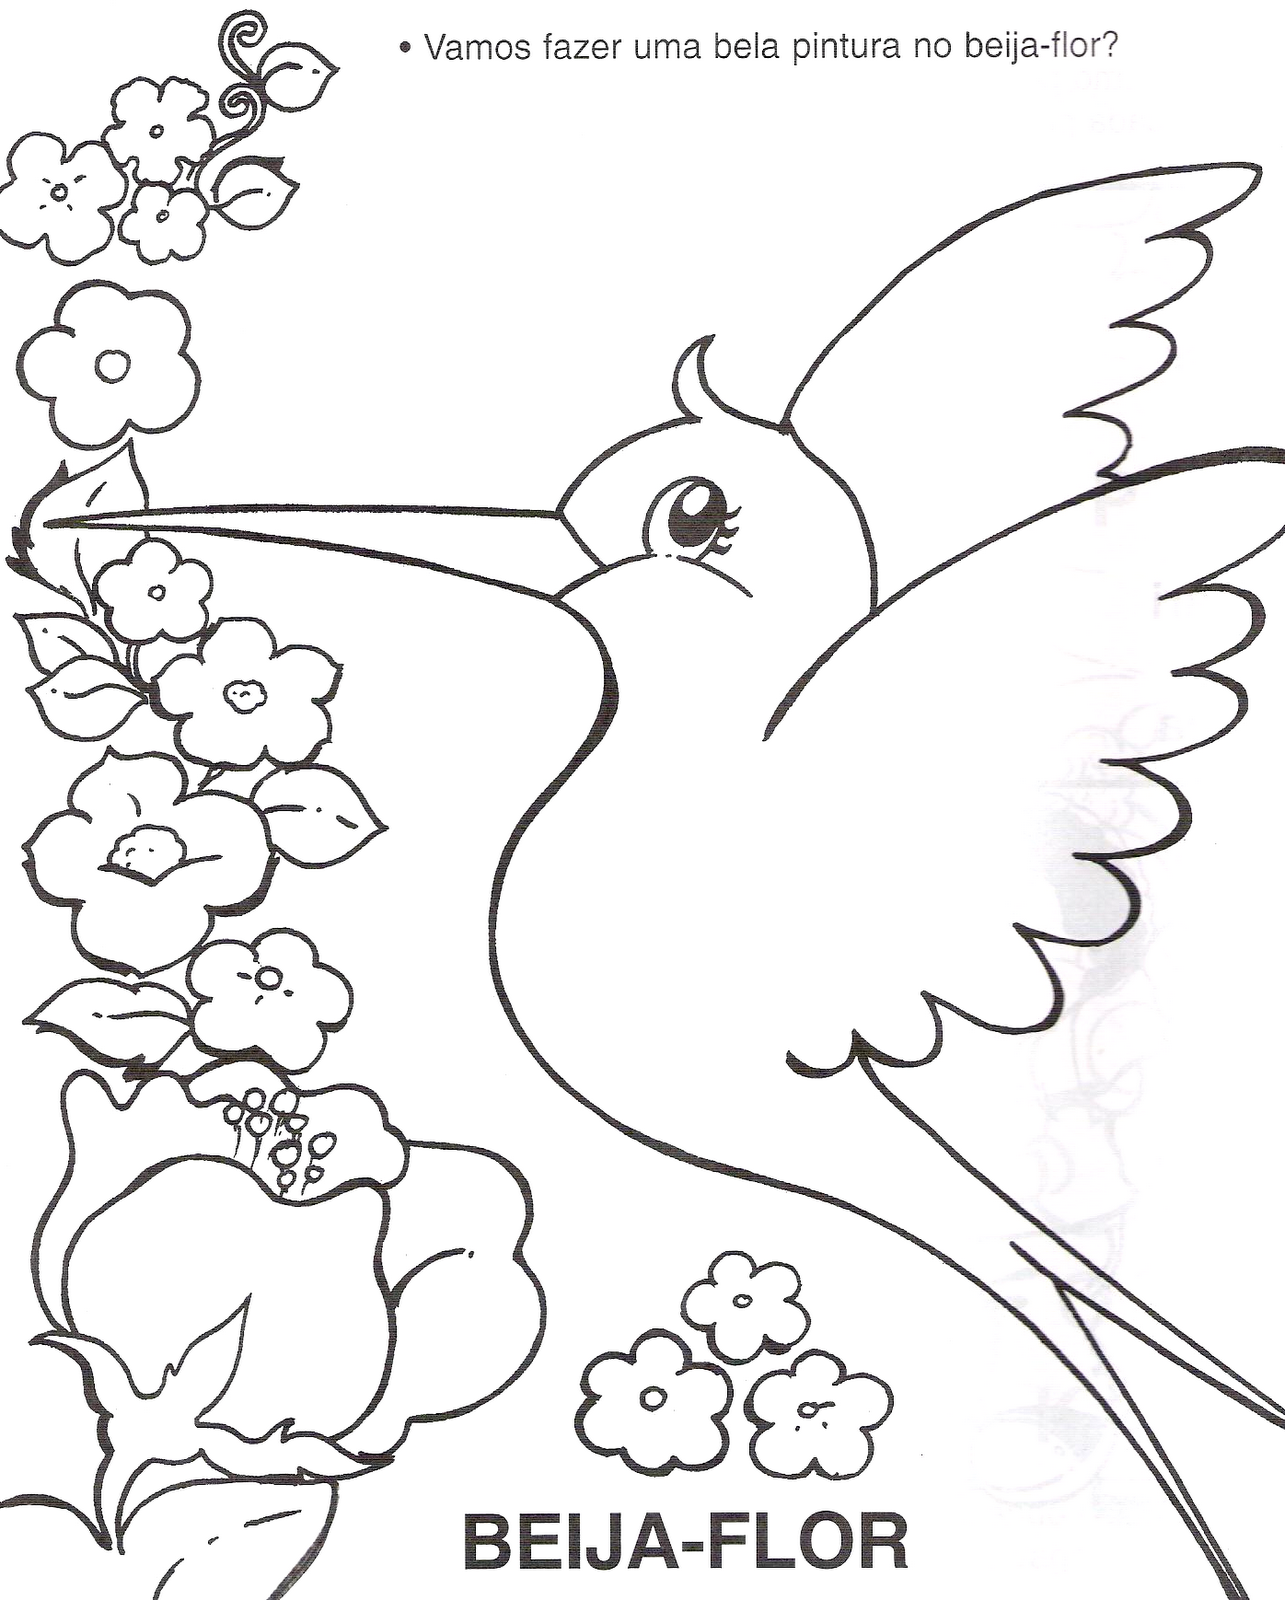 educação infantil vamos pintar o beija flor